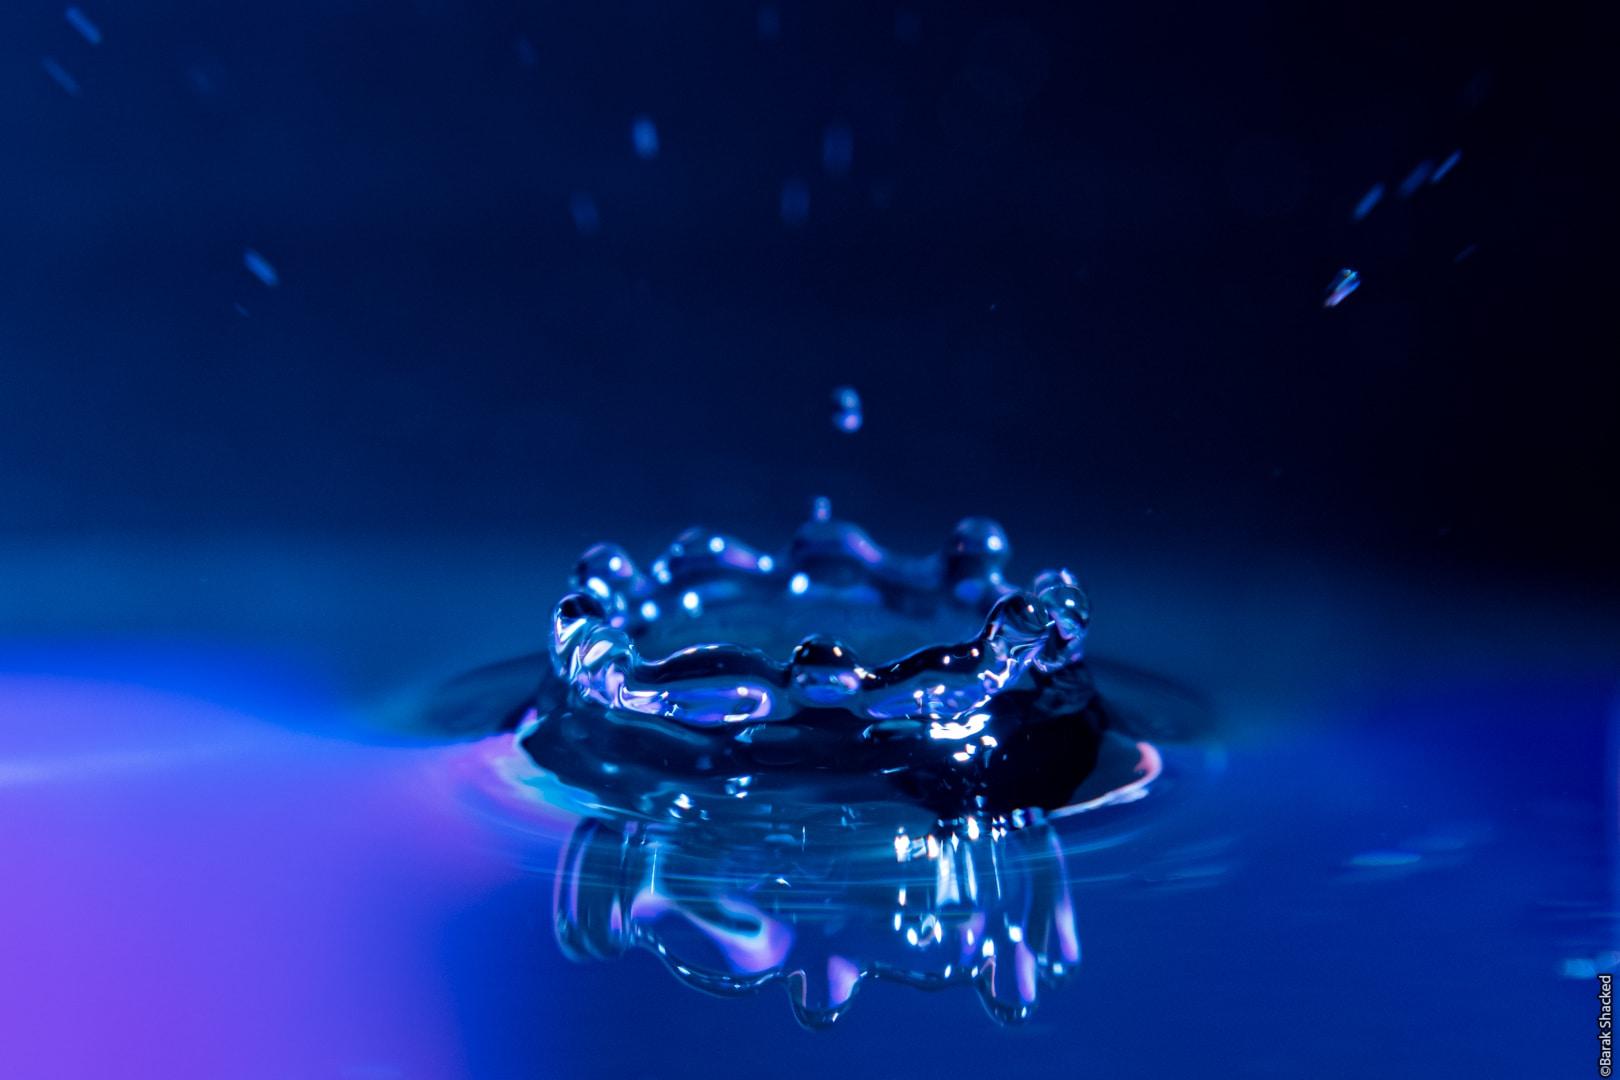 צילום כתר מים בתאורה דרמתית